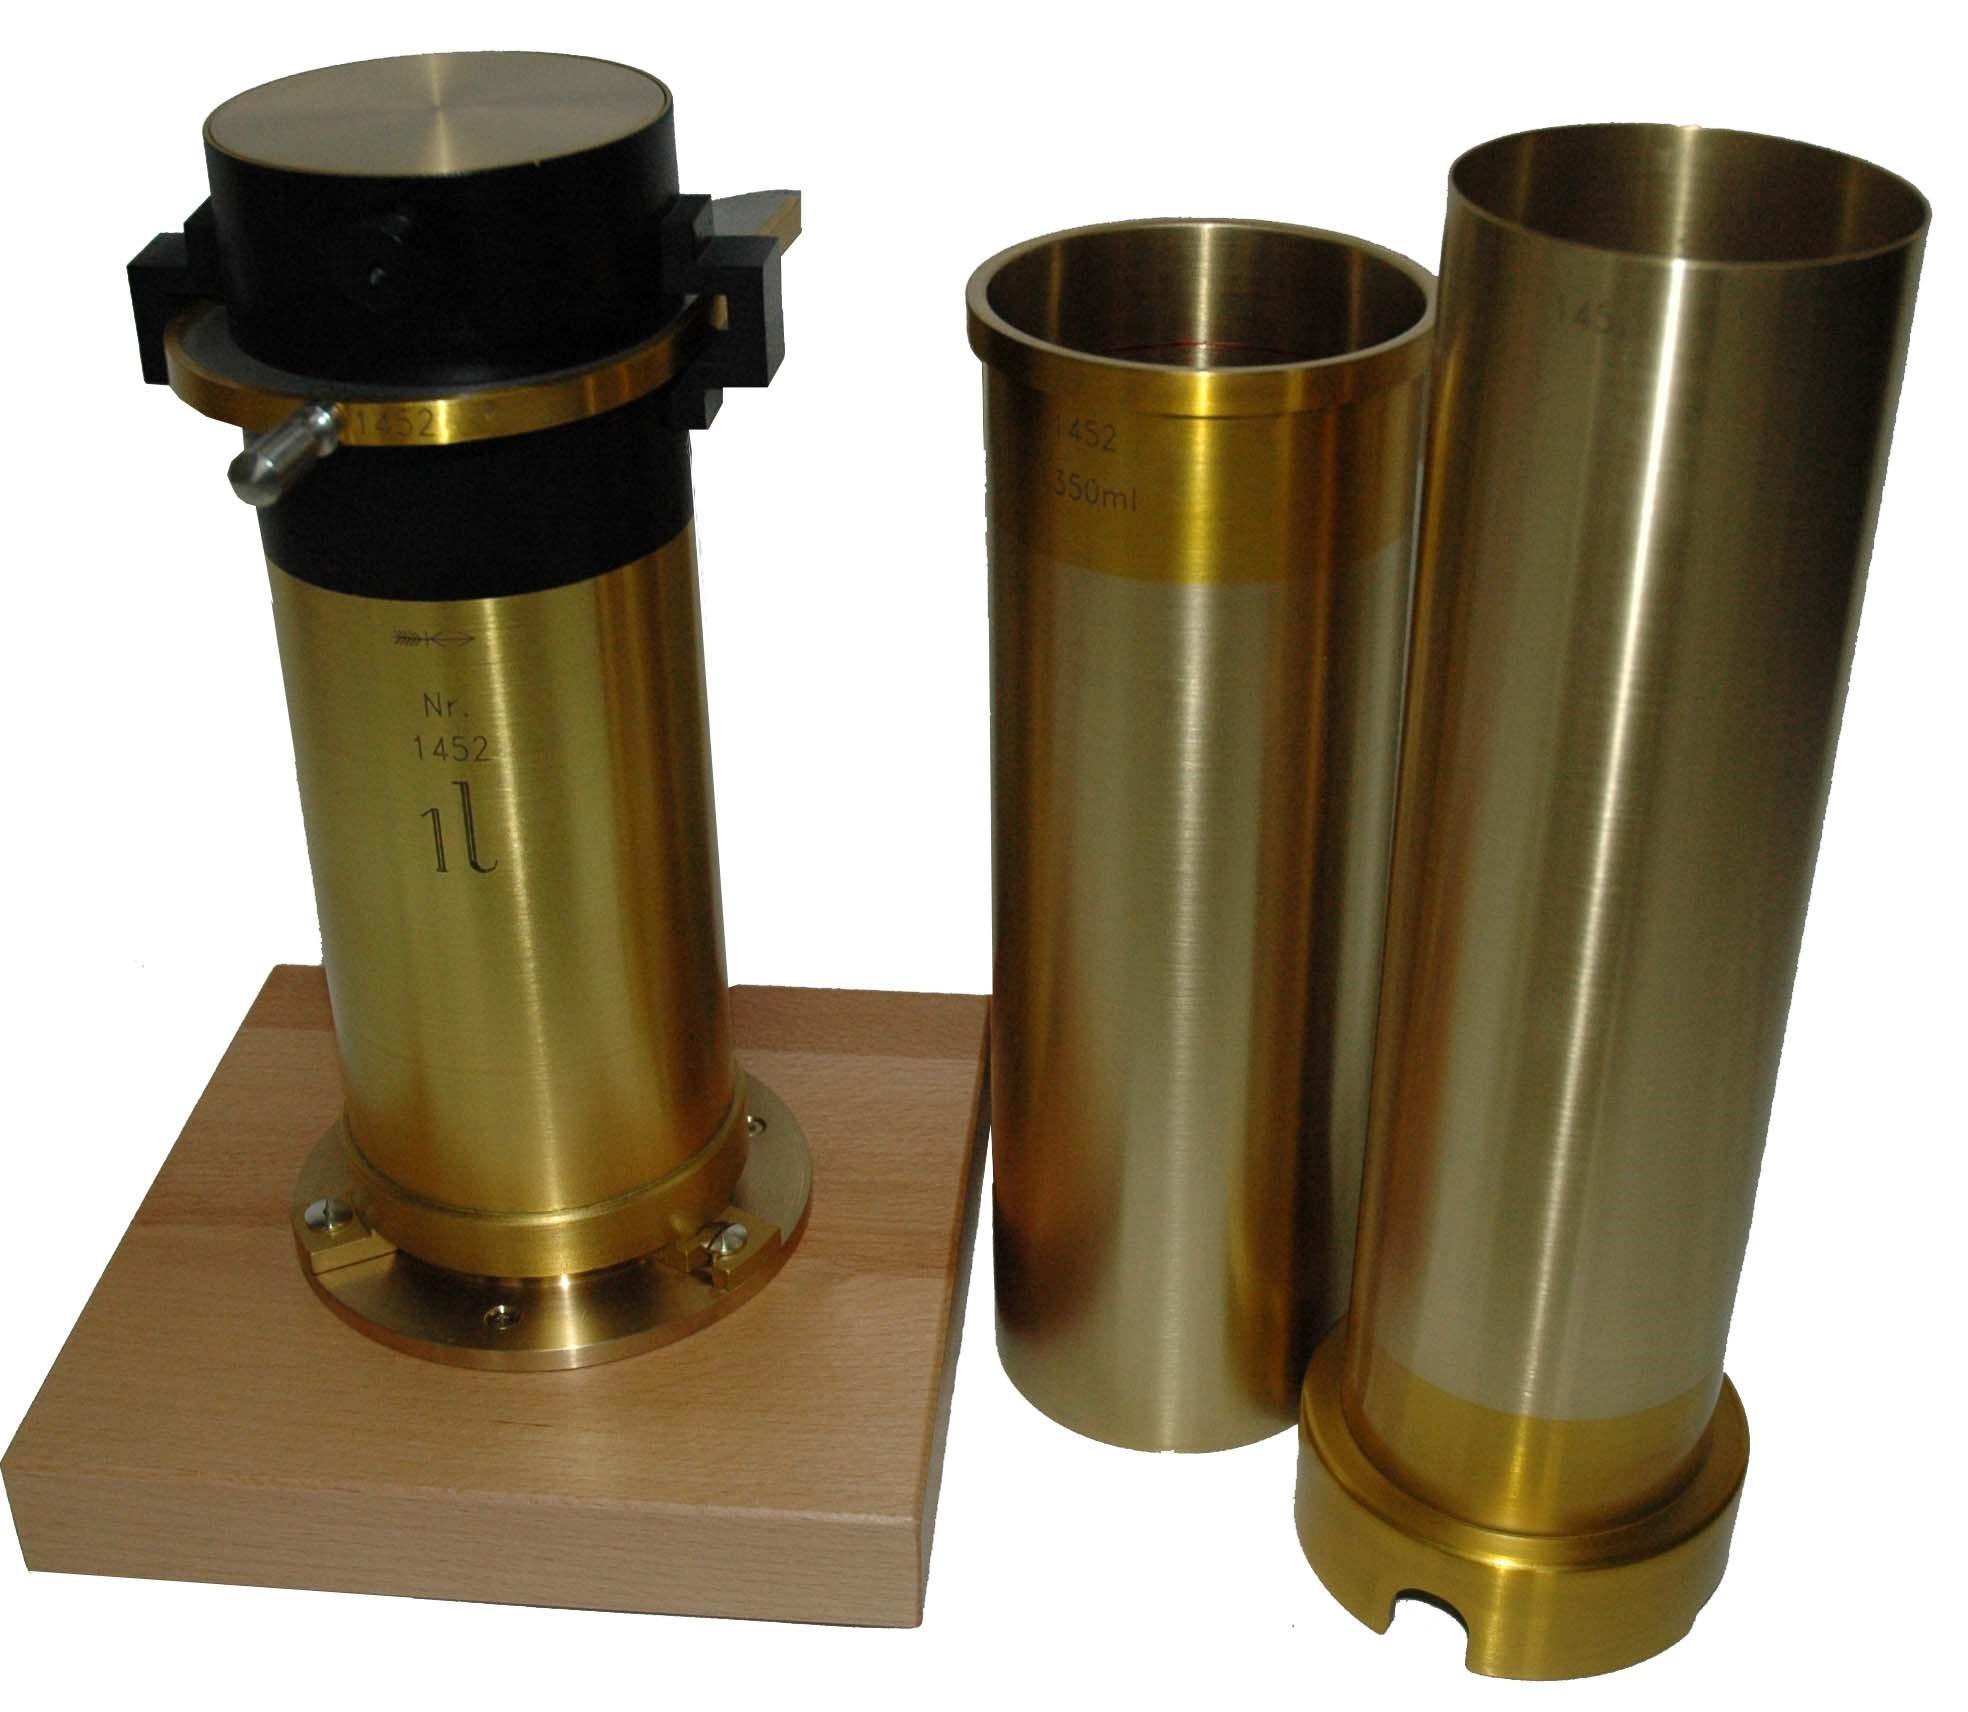 Volumenmesseinrichtung 1 Liter